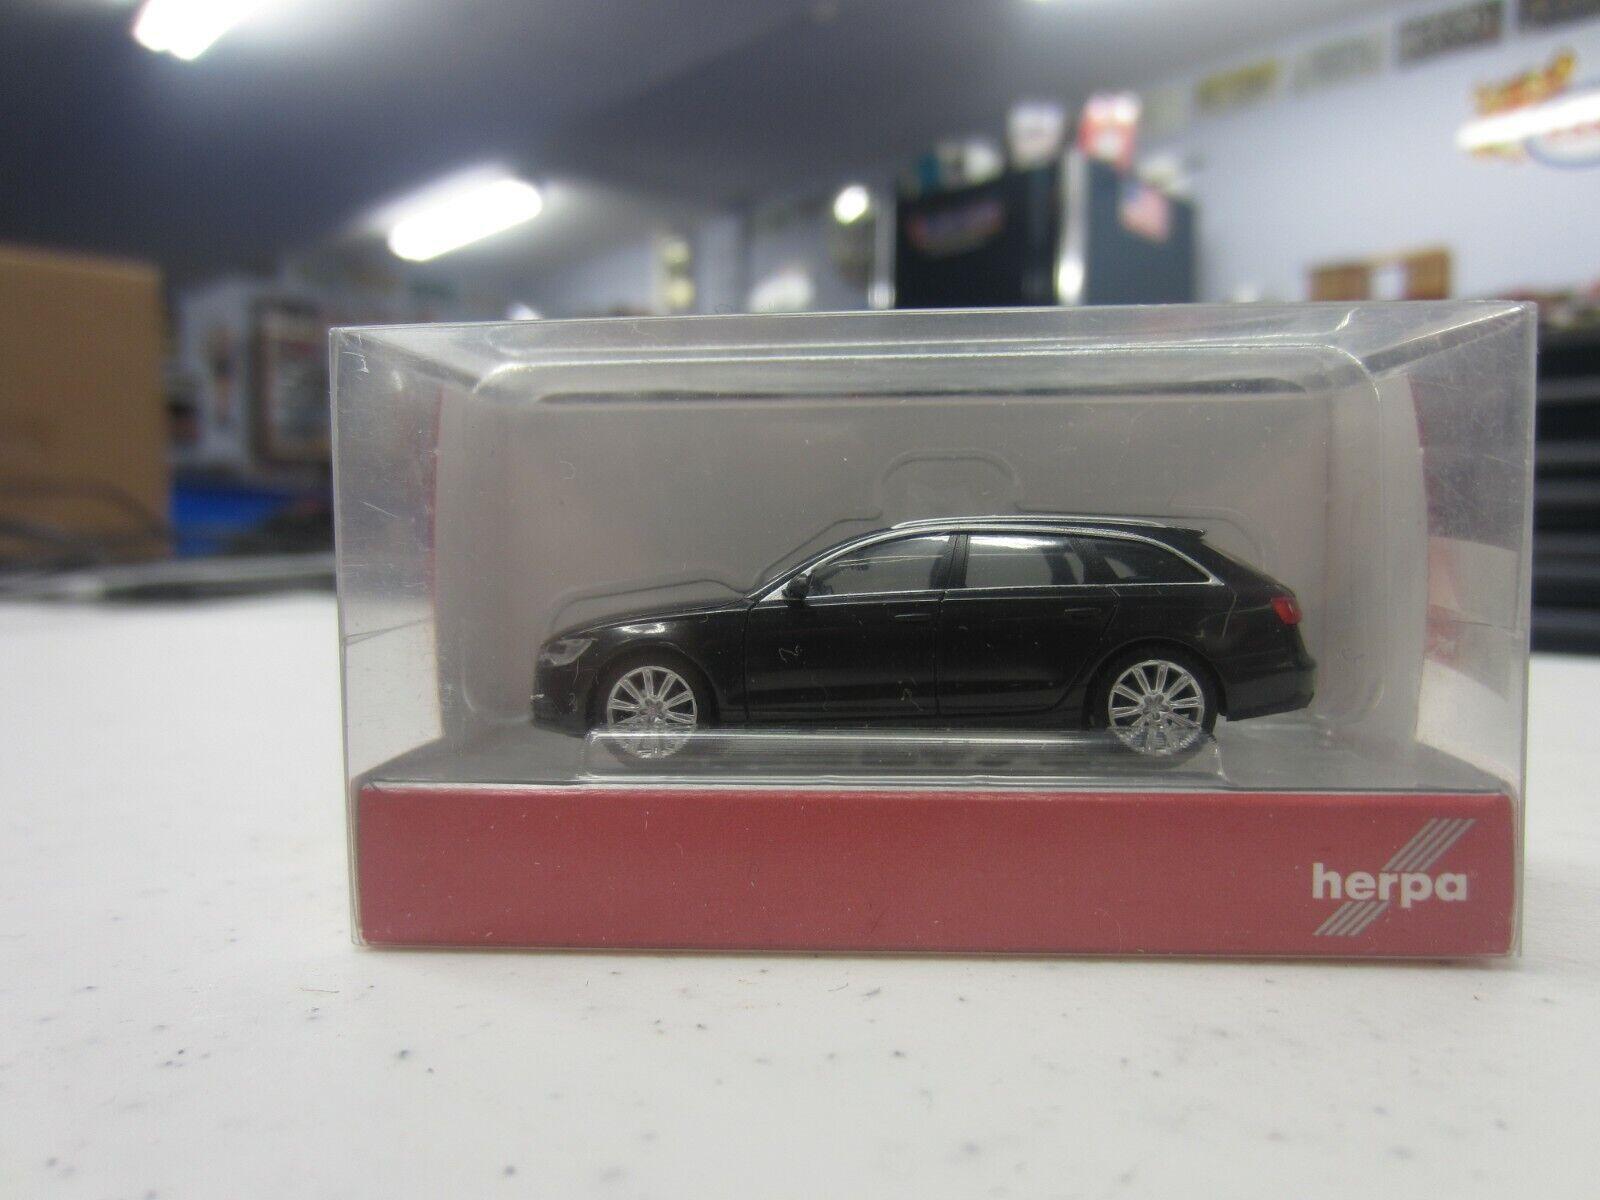 1//87 Herpa Audi A6 rot 430630-002